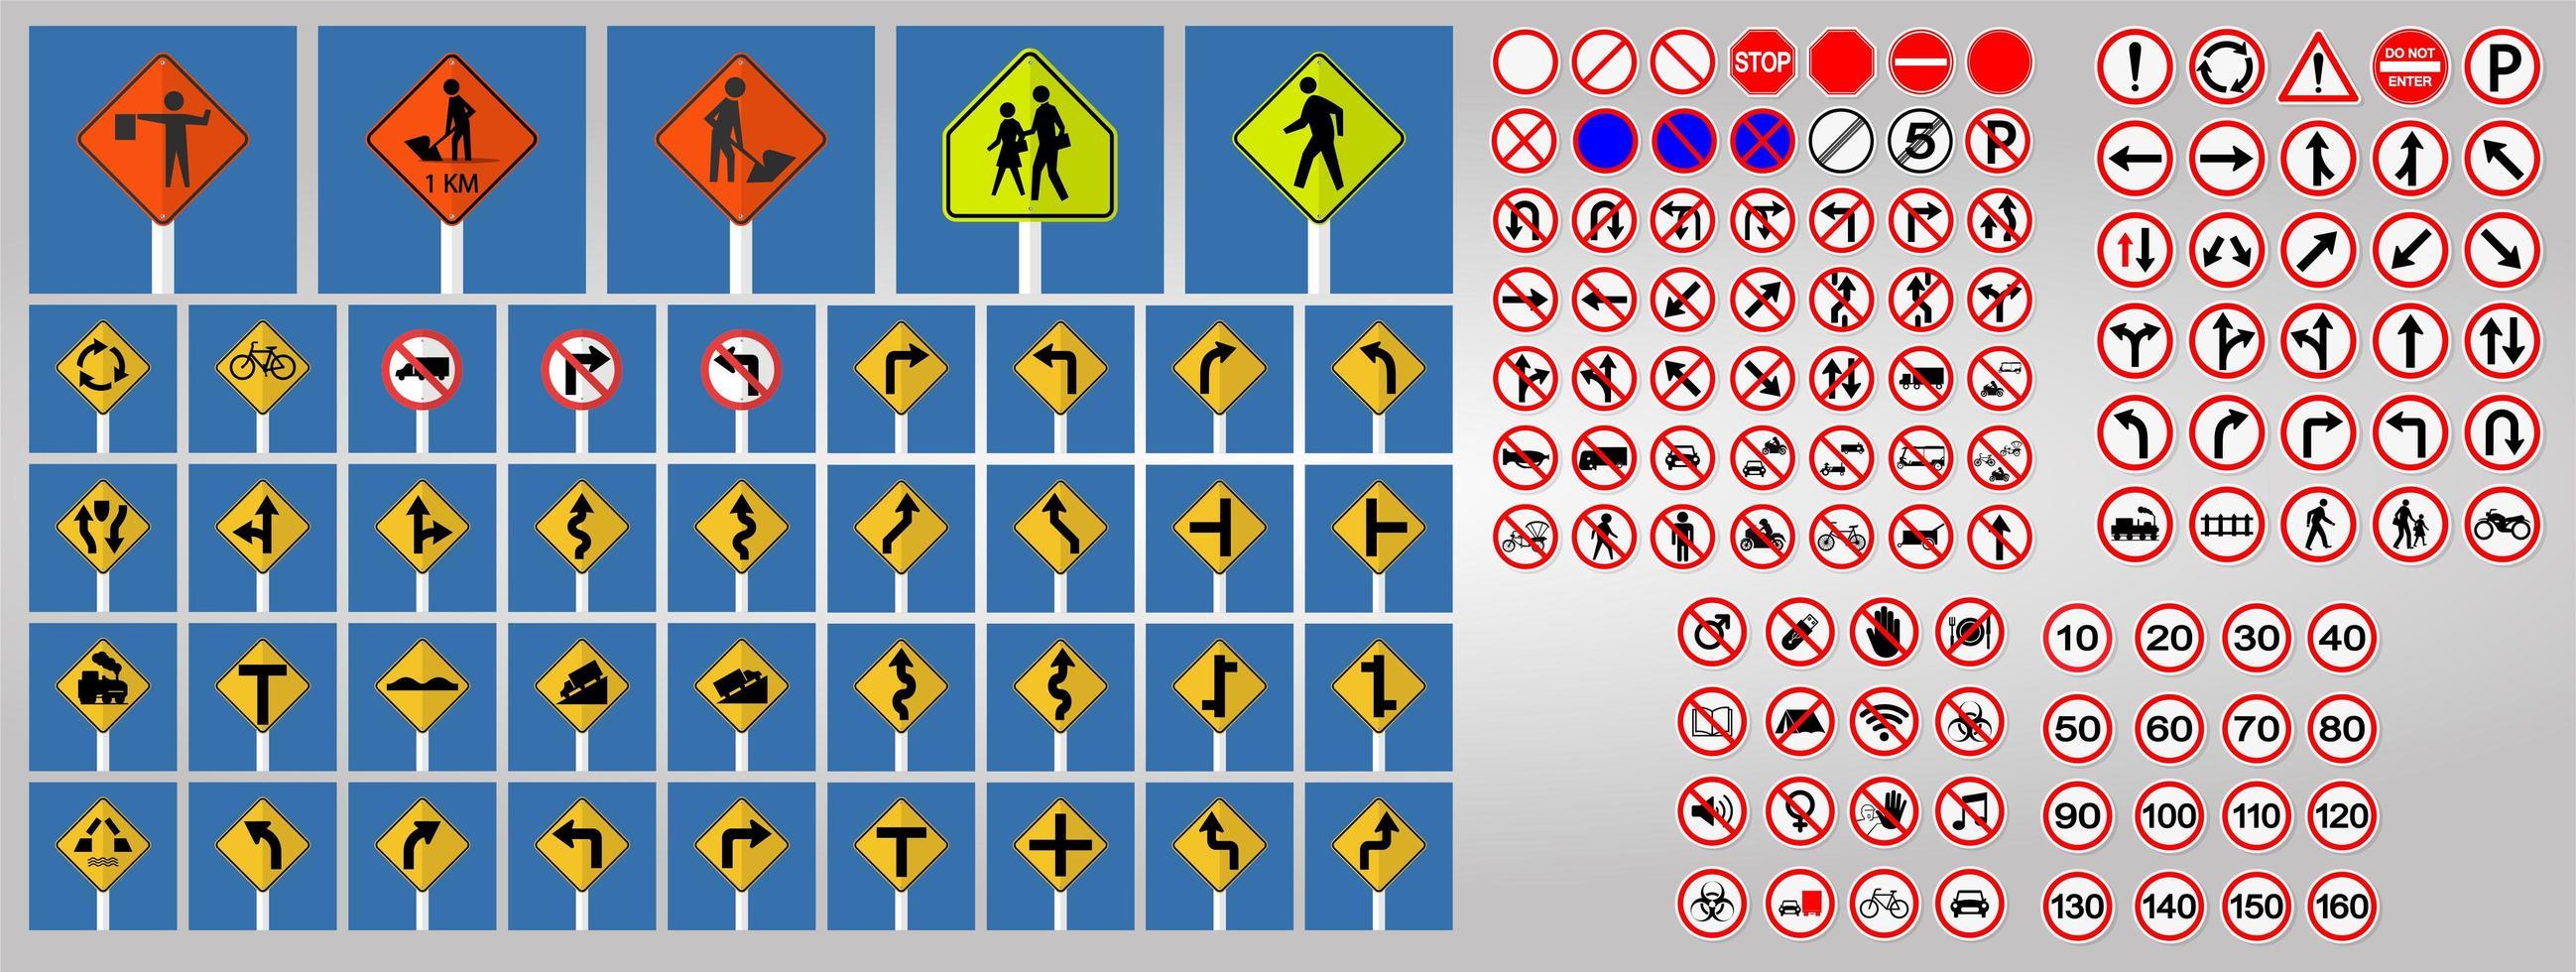 Conjunto de señales de tráfico, prohibido y advertencia de señales de símbolo de círculo rojo vector